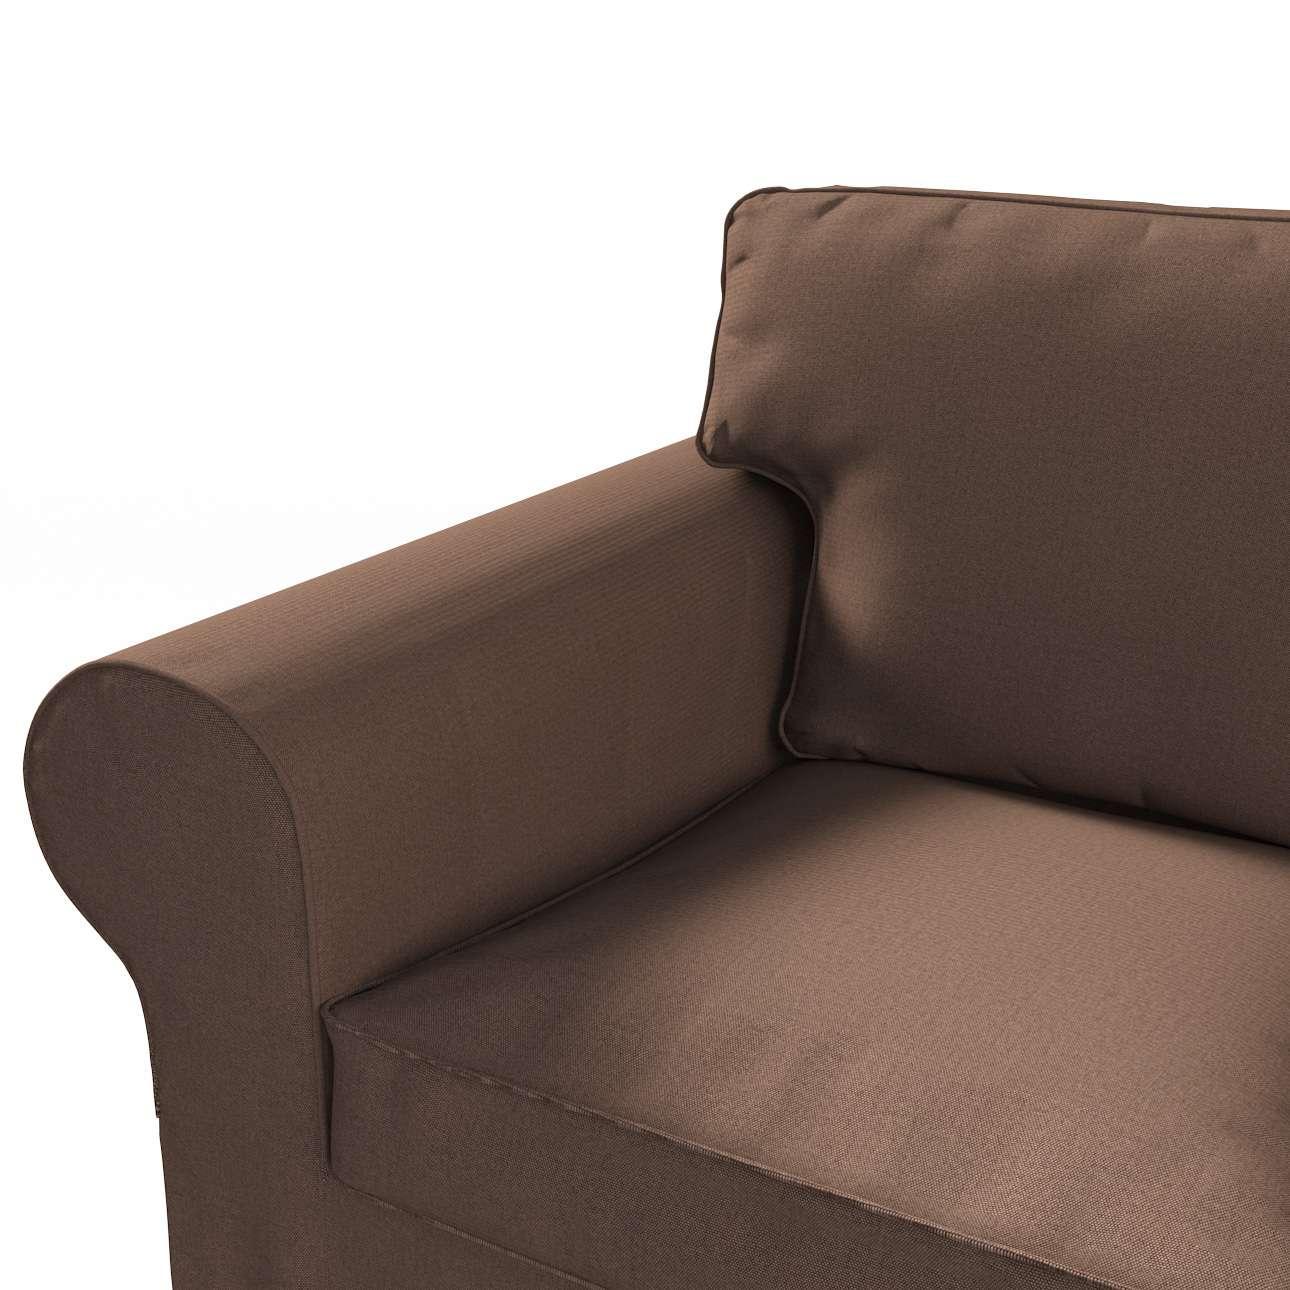 Pokrowiec na sofę Ektorp 3-osobową, rozkładaną, PIXBO w kolekcji Etna, tkanina: 705-08